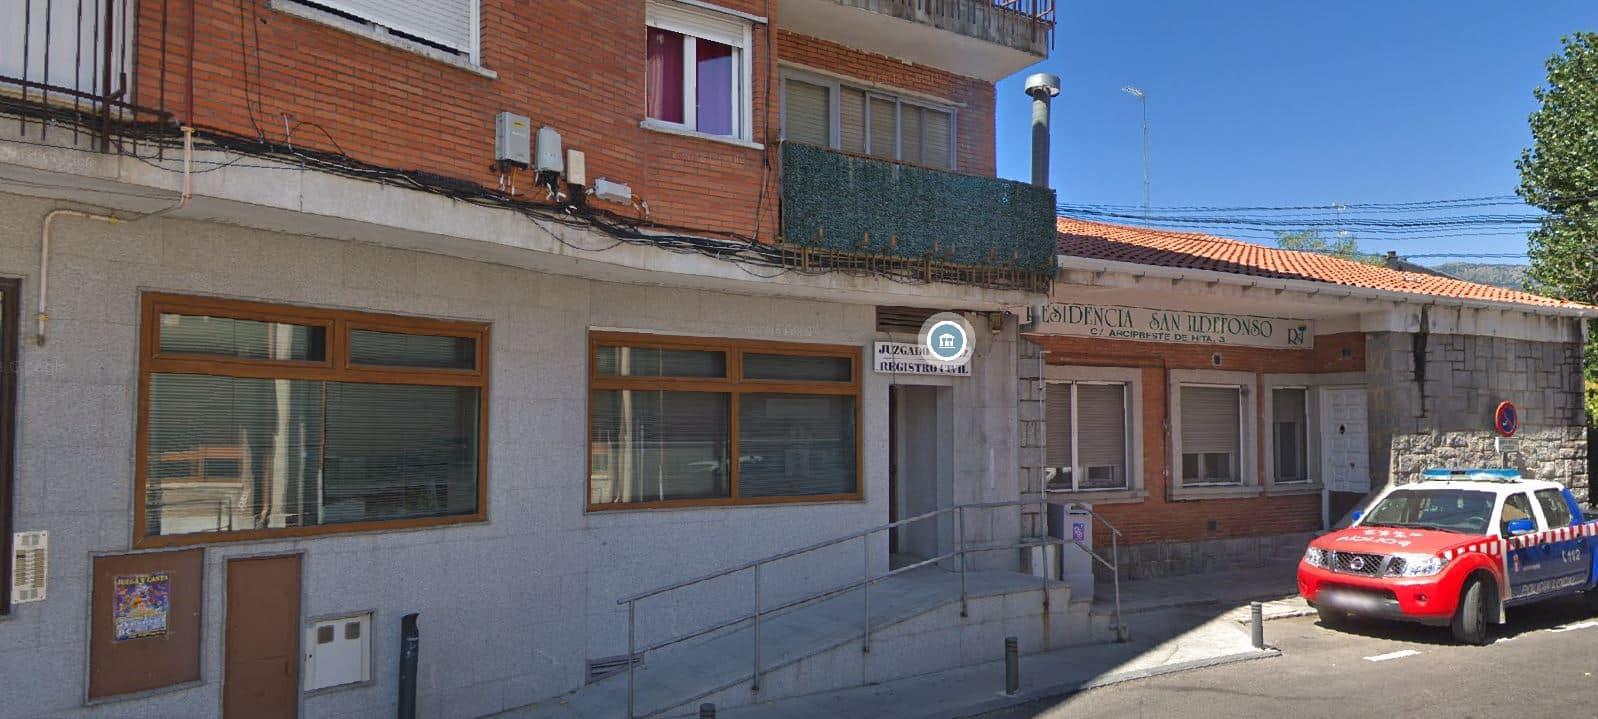 Certificado de defunción Guadarrama